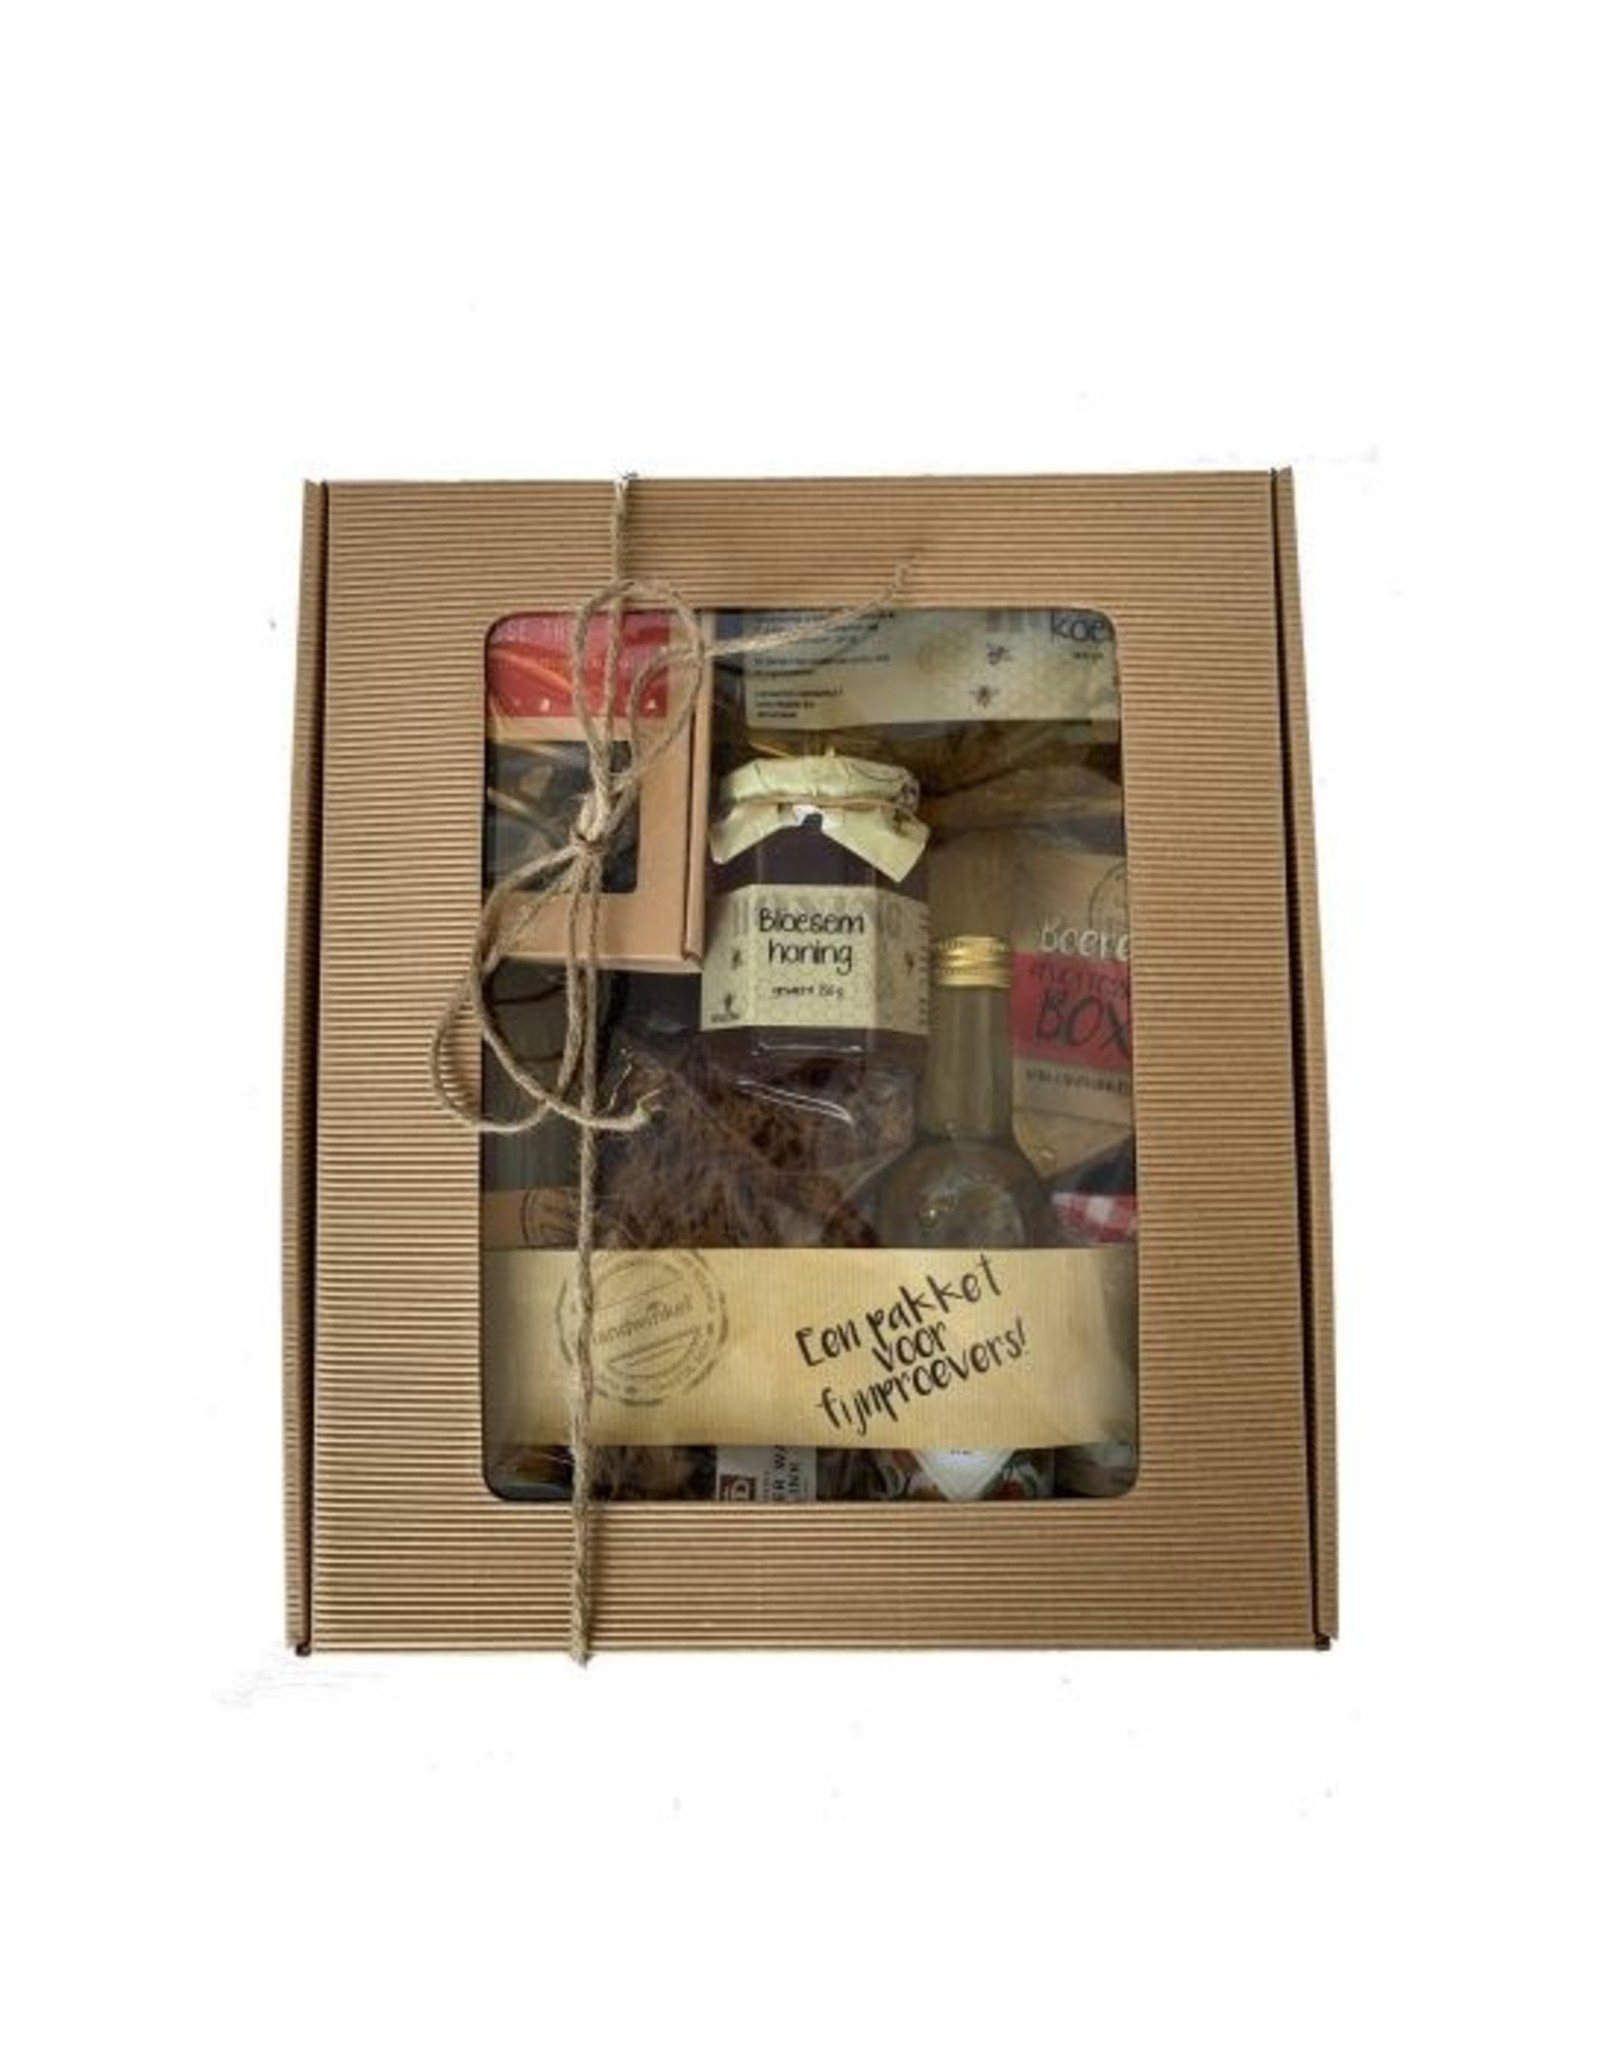 Cadeau - Boer Kees - Een box voor de hele familie